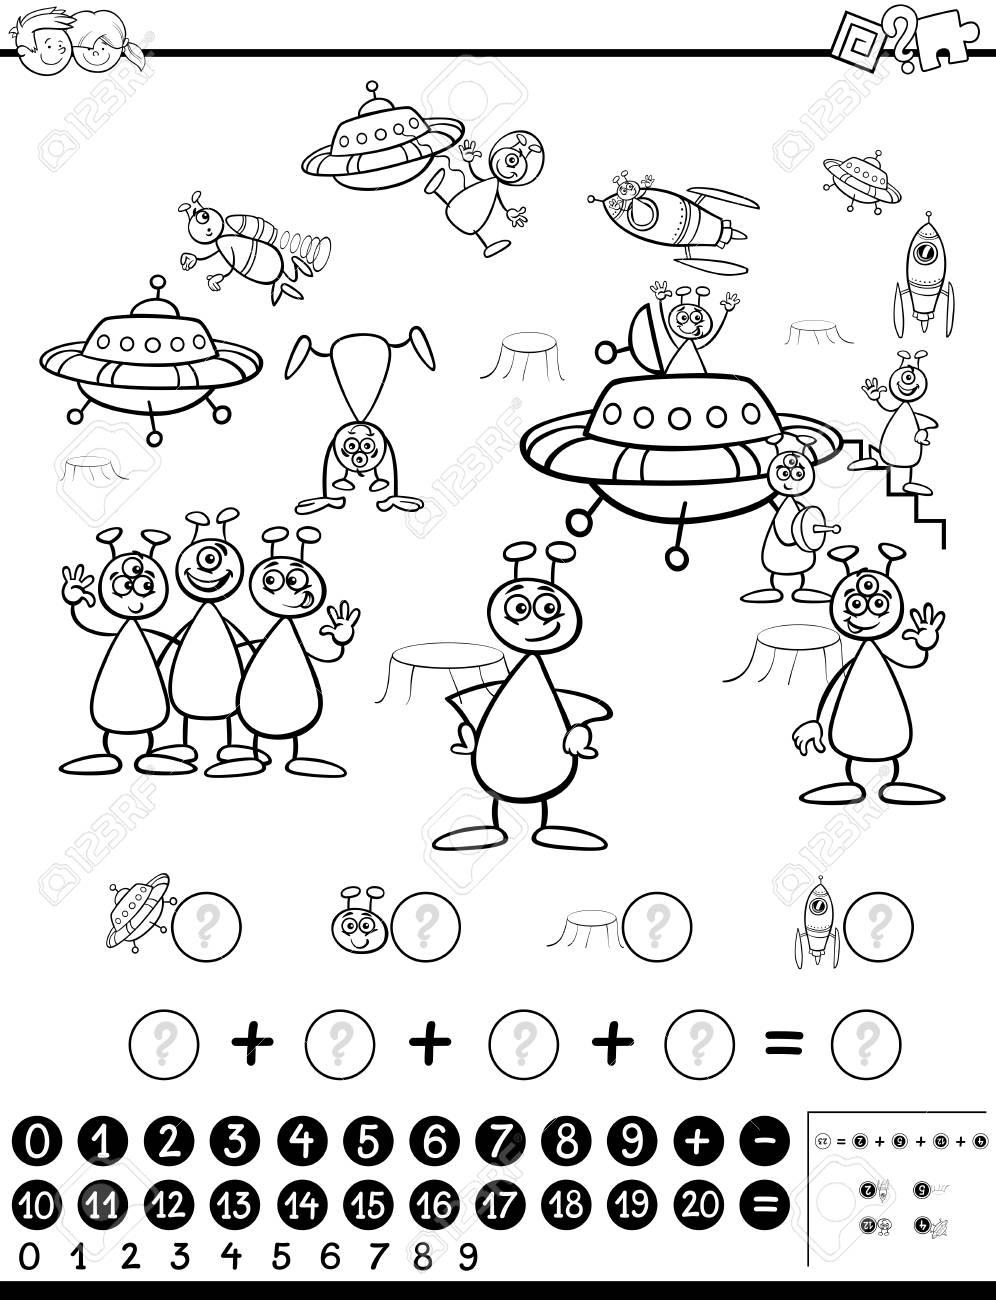 Ilustración De Dibujos Animados En Blanco Y Negro Del Juego De Actividades Matemáticas Educativas Para Niños Con Personajes Alienígenas Página